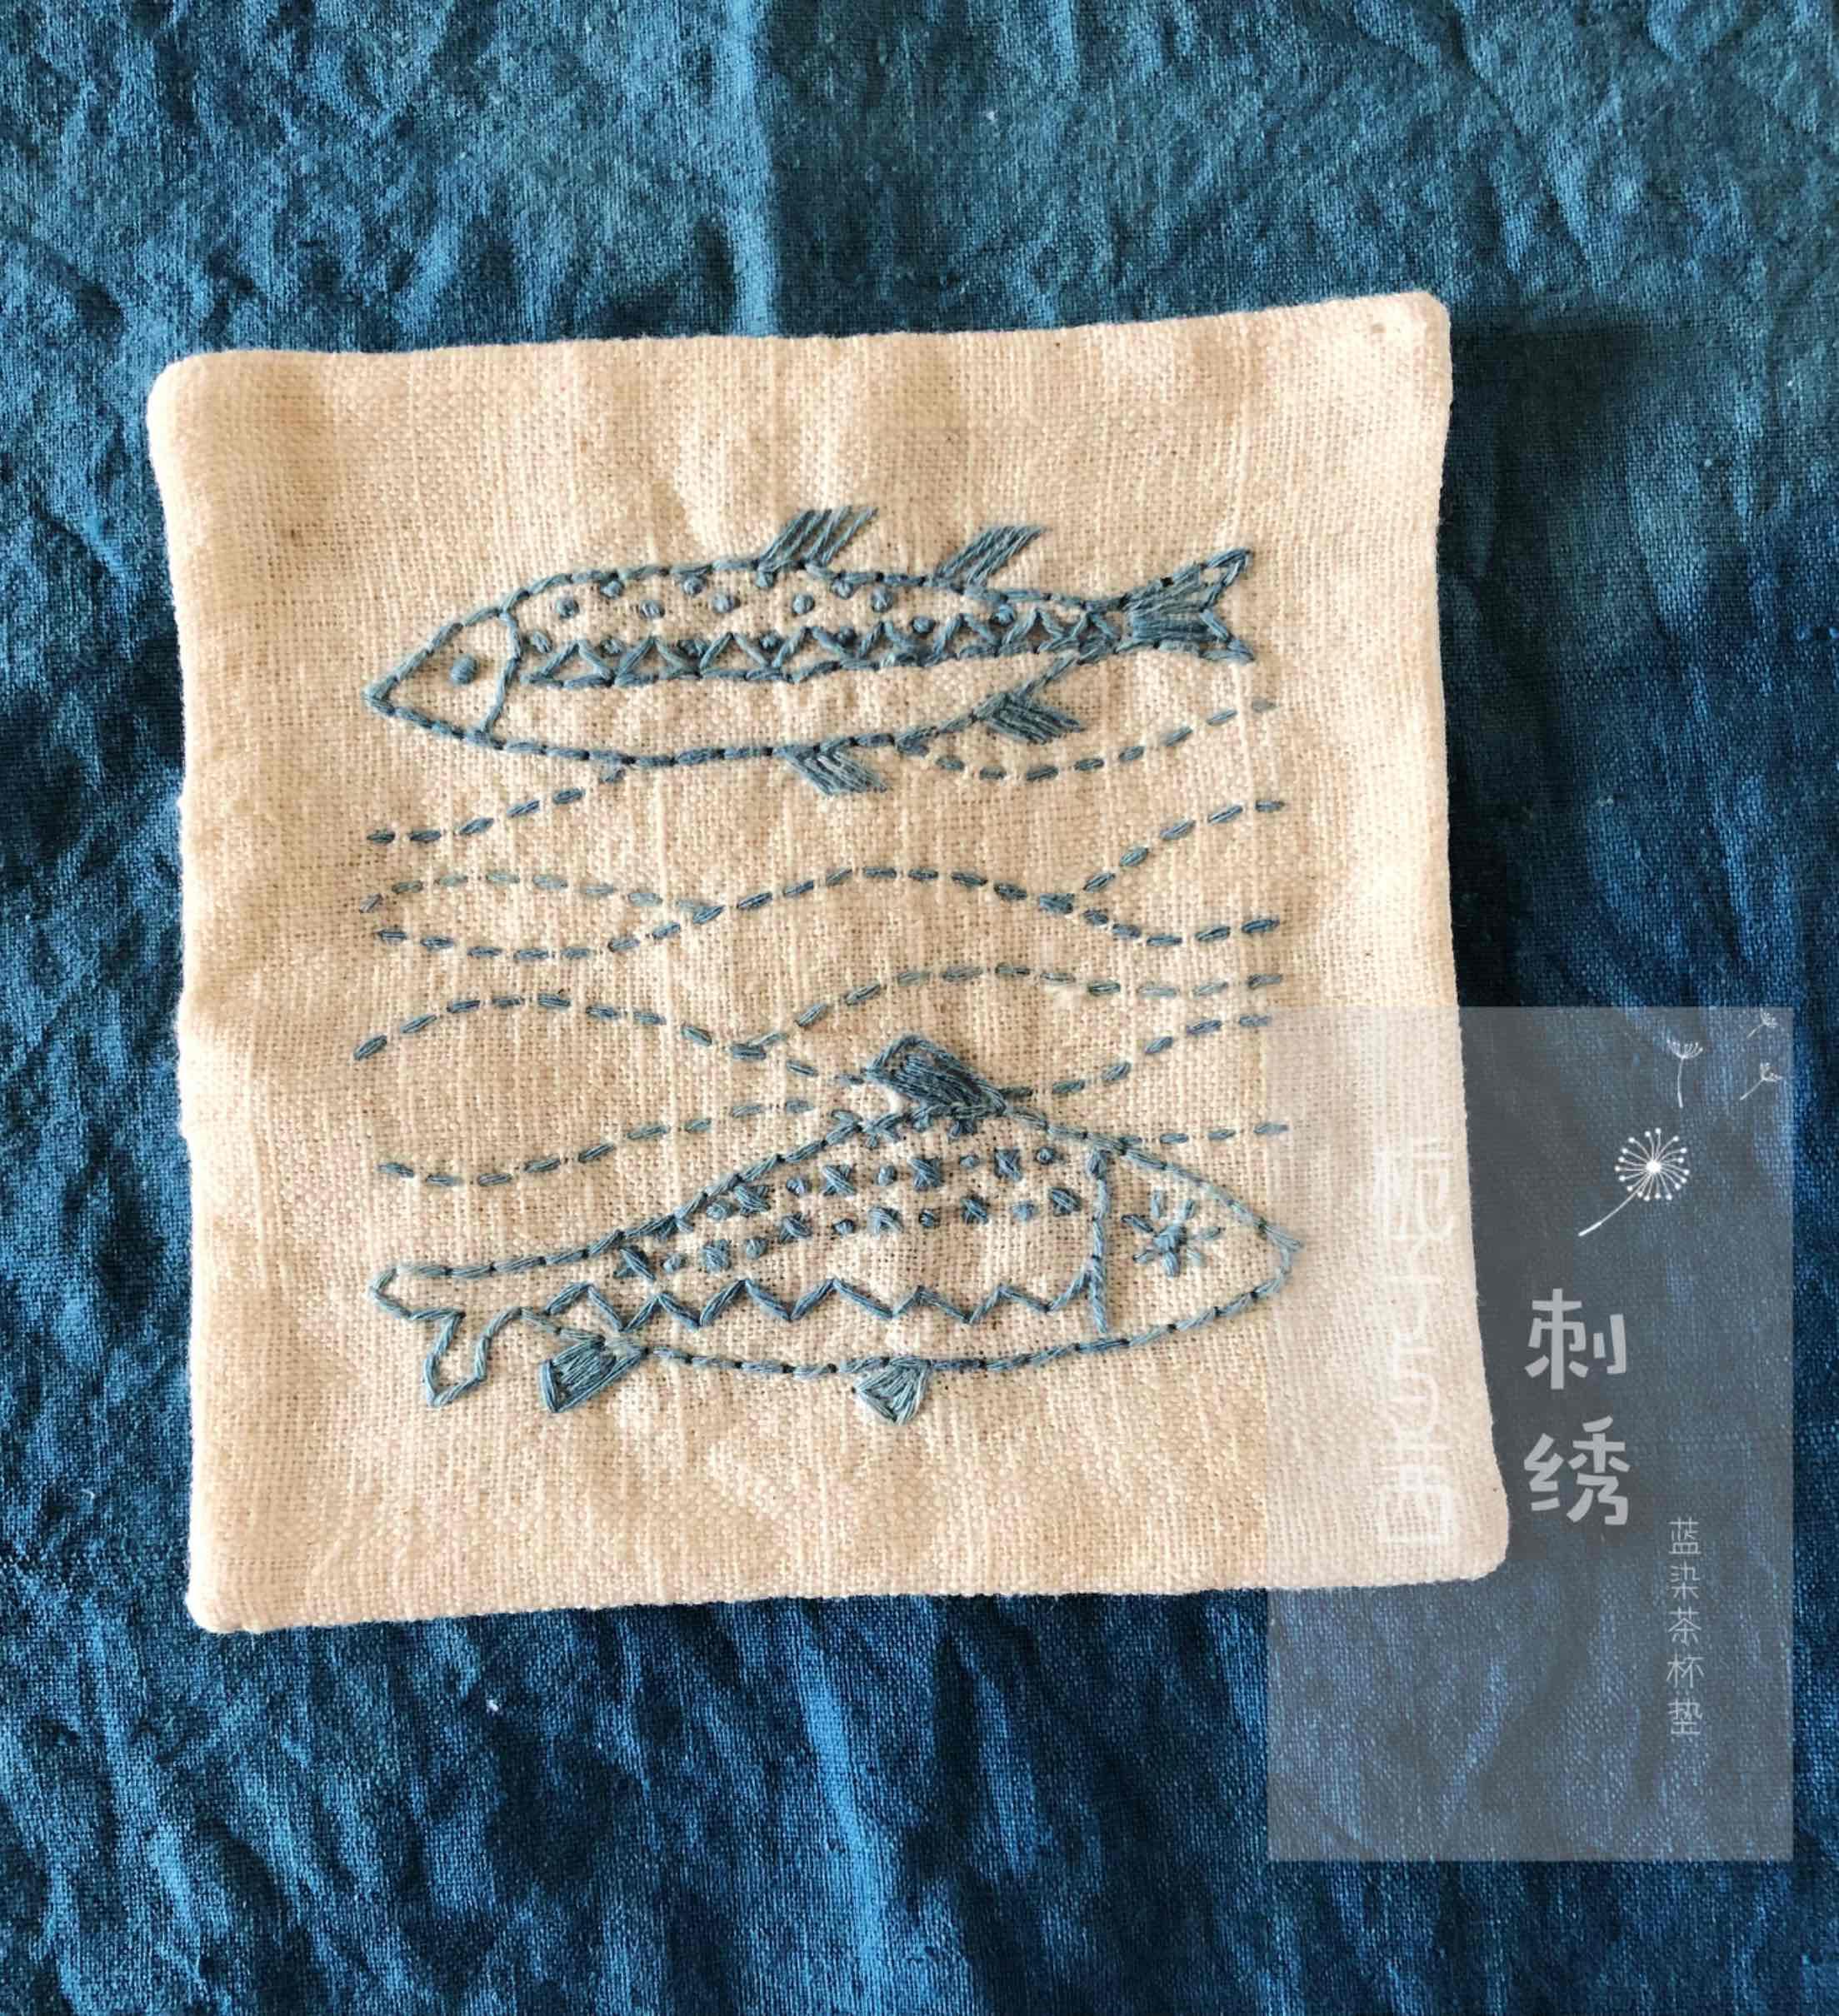 丝带绣入门教程_土布蓝染线刺子绣小鱼系列杯垫 - 刺绣钩编欣赏 布流行手工网